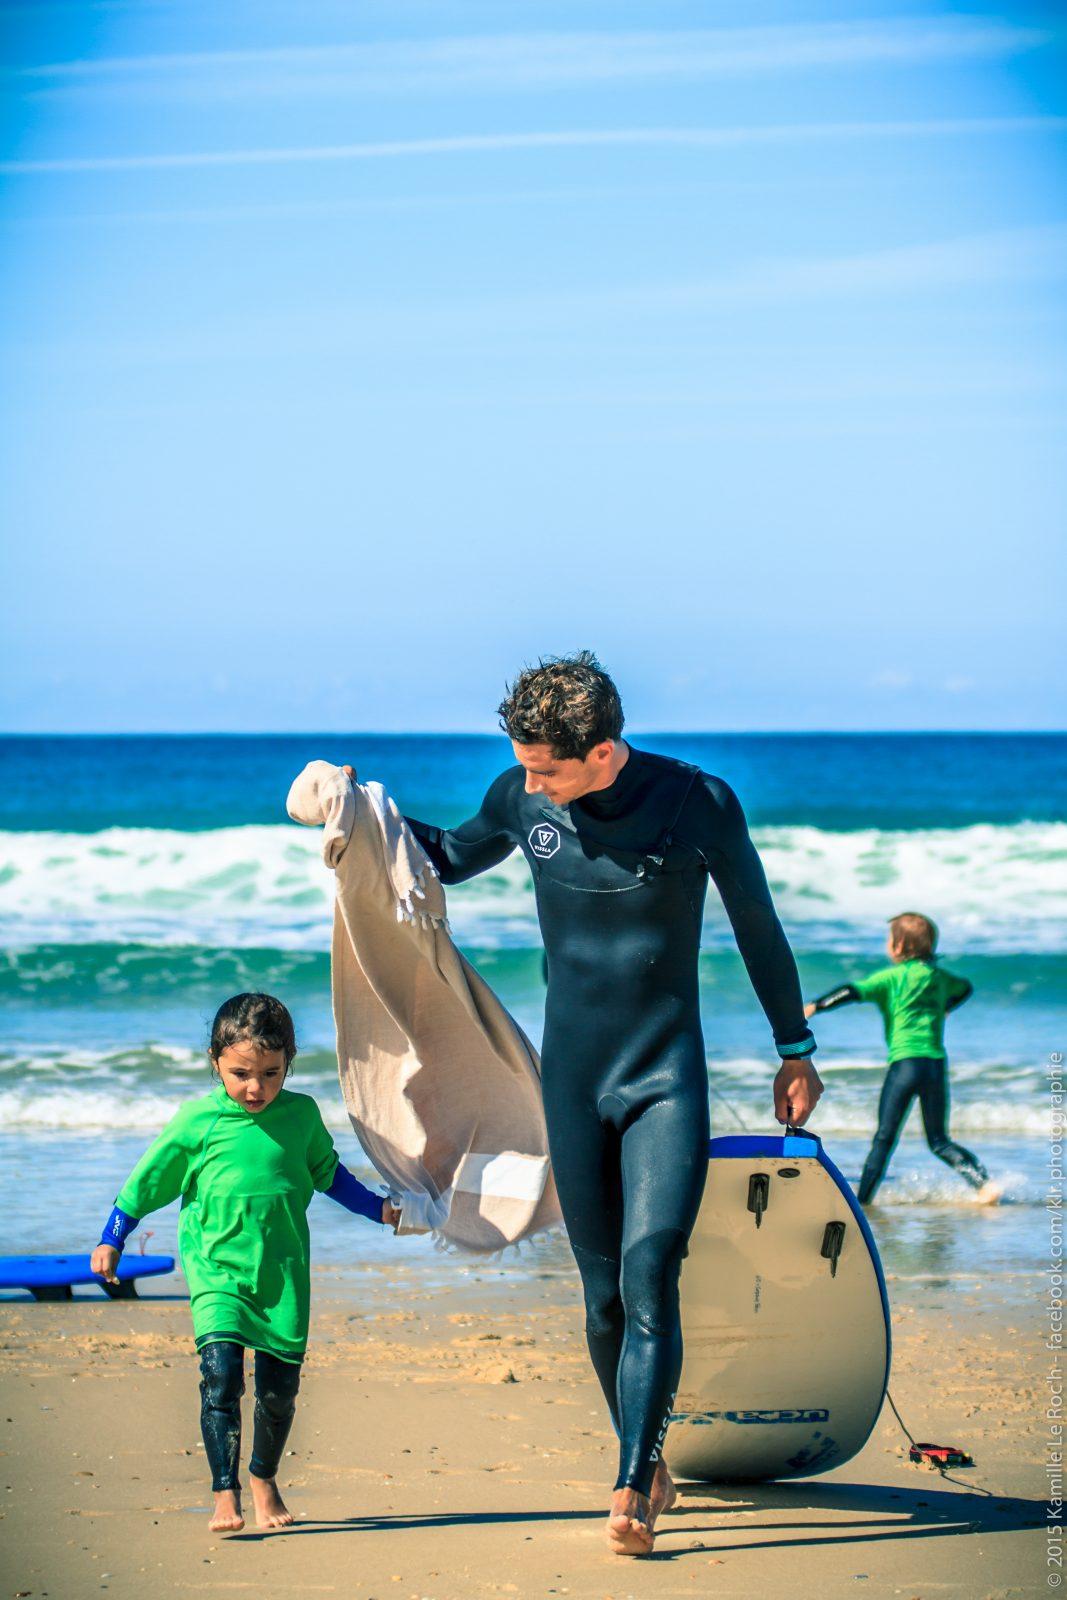 Pirate Surfing Surf Lacanau (16)